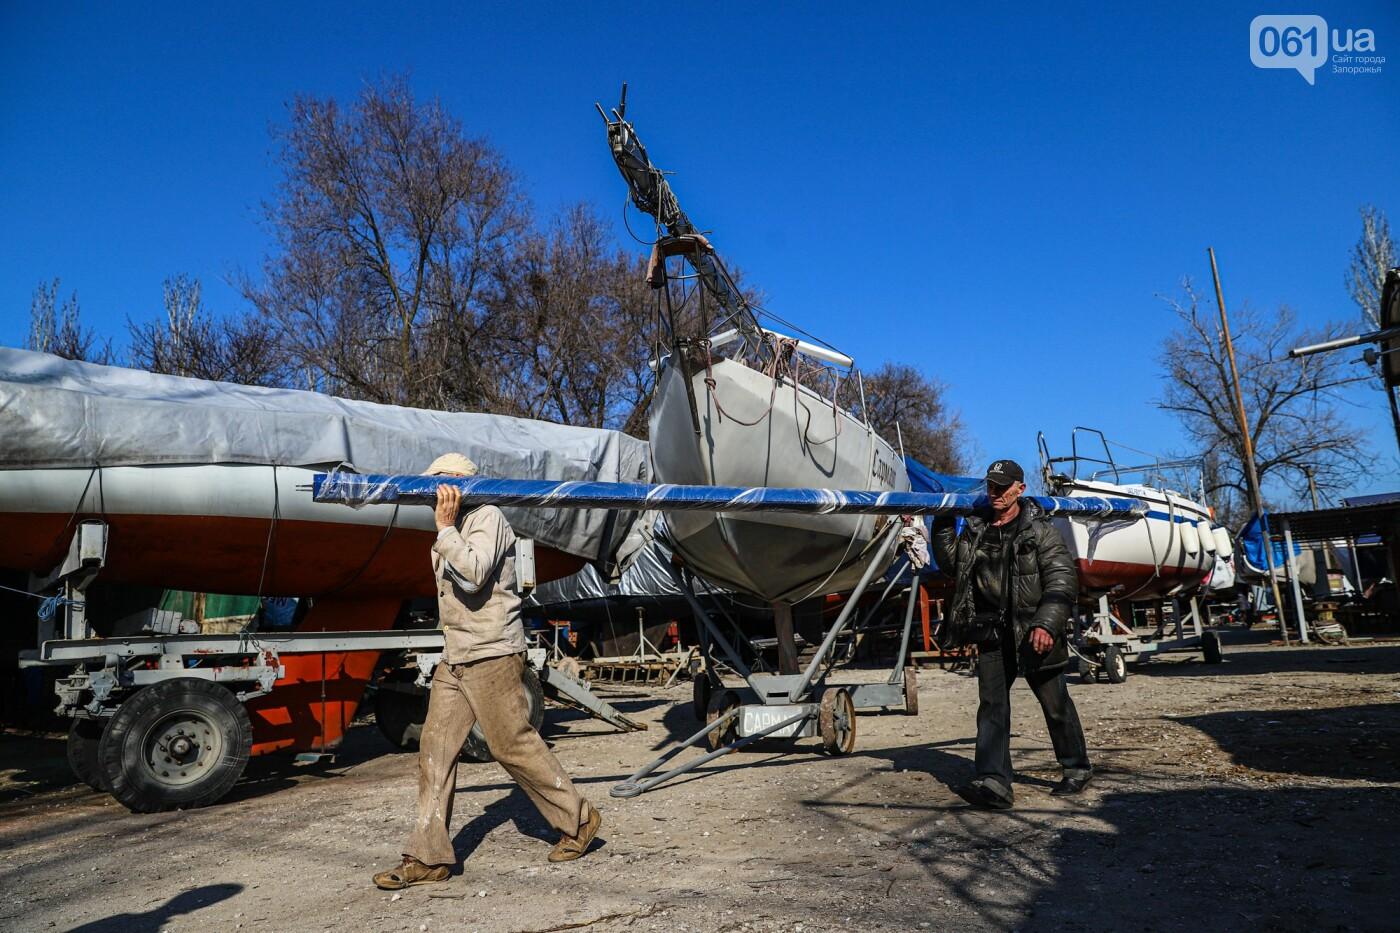 «Семь футов под килем!»: как в запорожском яхт-клубе спускали судна на воду, - ФОТОРЕПОРТАЖ , фото-1